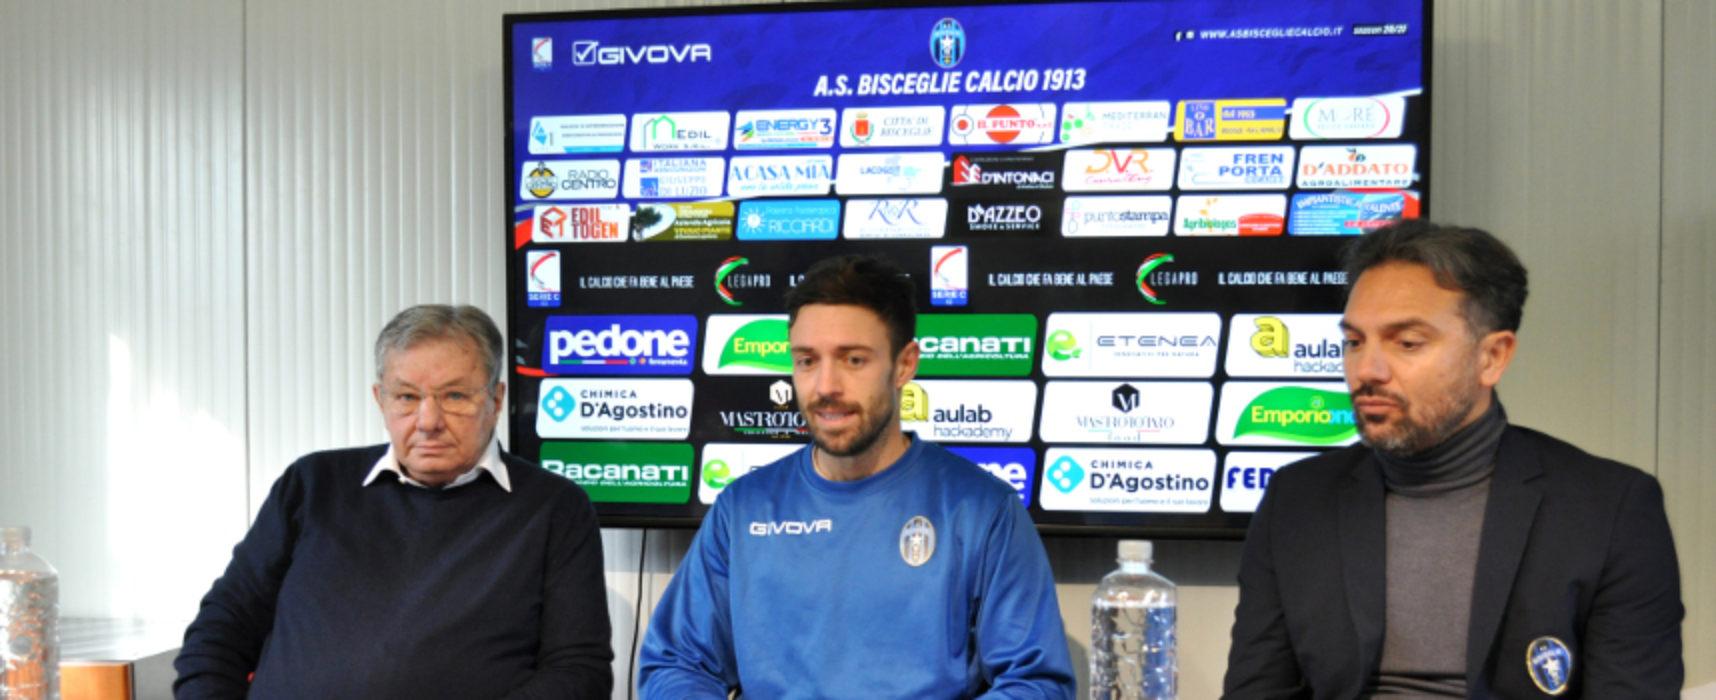 """Bisceglie Calcio, Romizi: """"Tappa di ripartenza dopo un periodo difficile"""""""